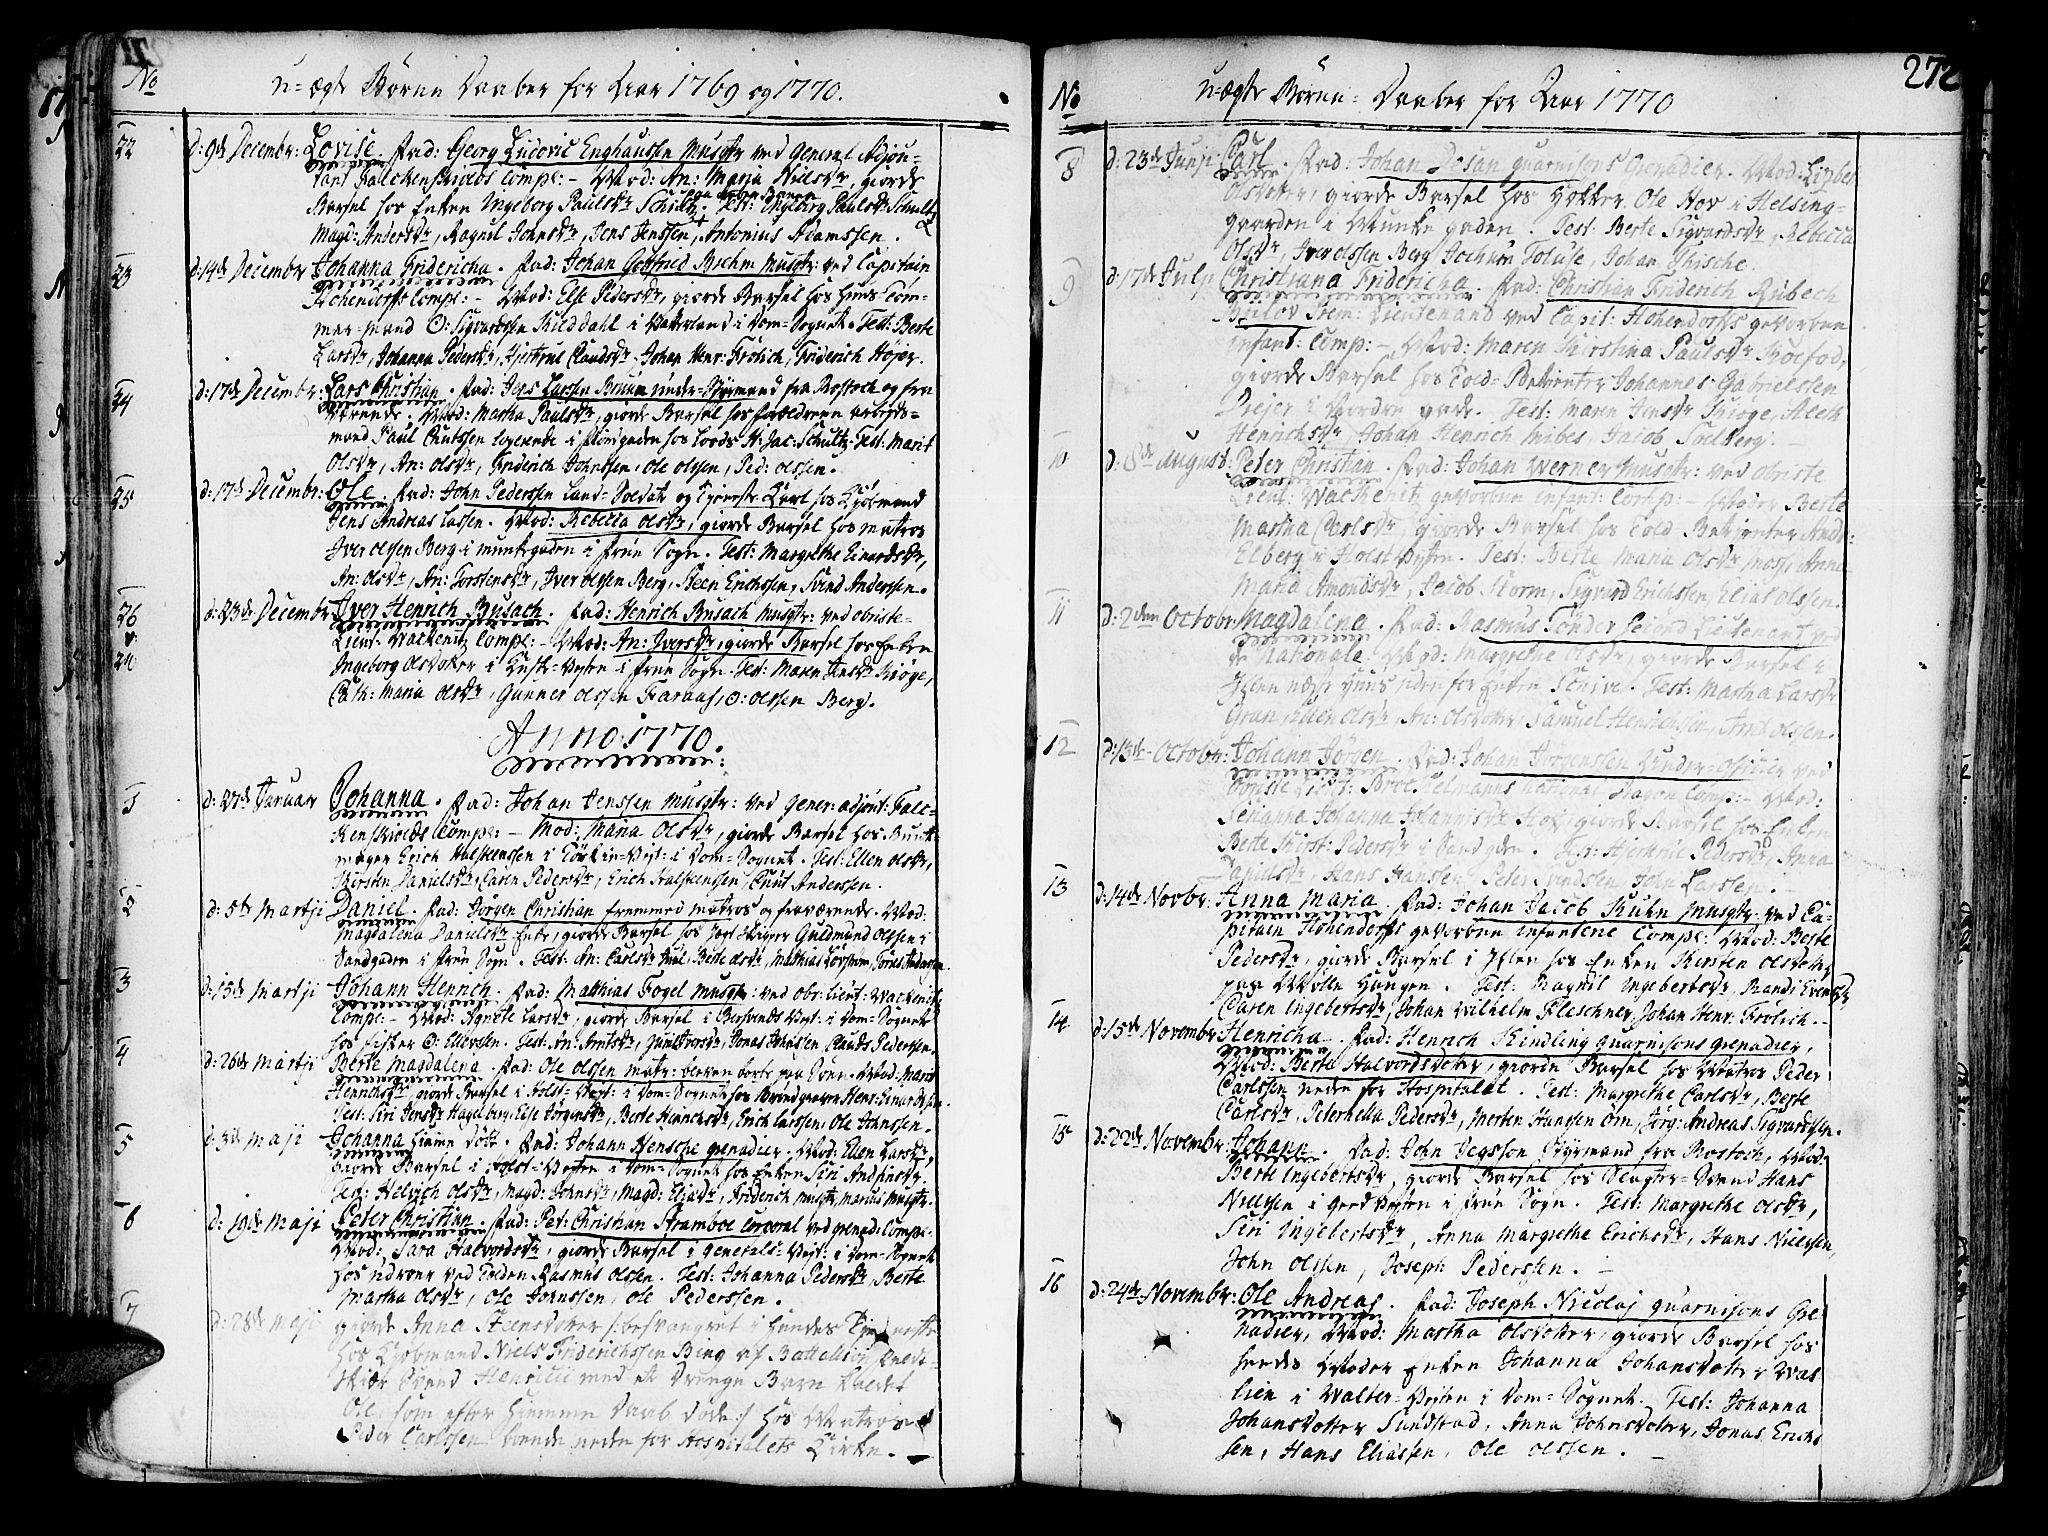 SAT, Ministerialprotokoller, klokkerbøker og fødselsregistre - Sør-Trøndelag, 602/L0103: Ministerialbok nr. 602A01, 1732-1774, s. 272